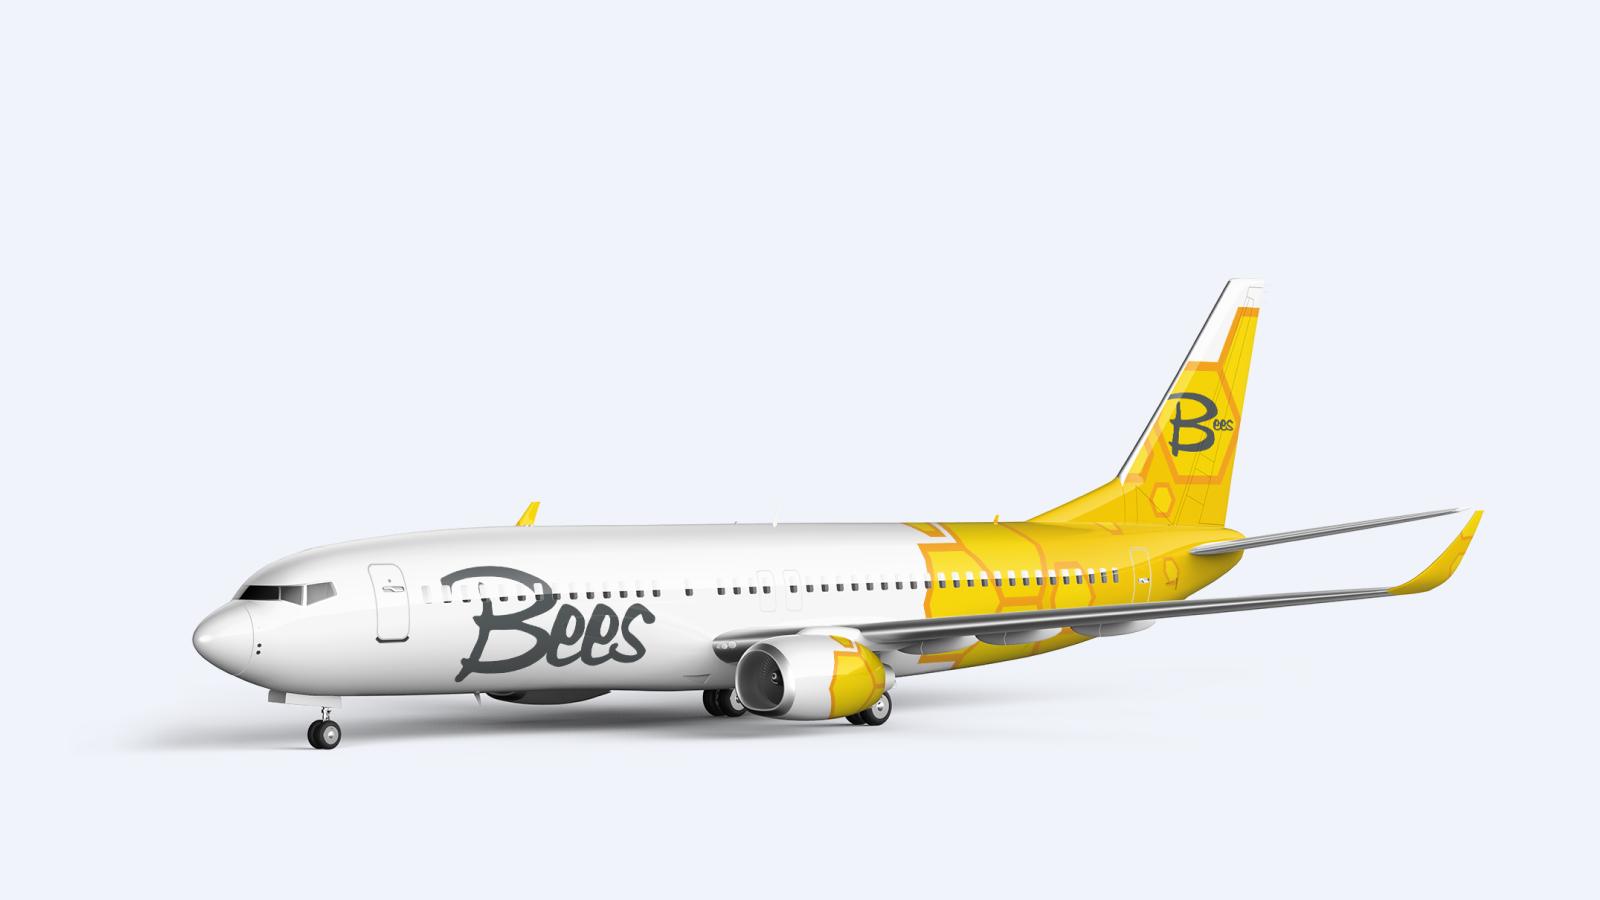 2020 рік знаменується появою нового українського авіаперевізника Bees Airline